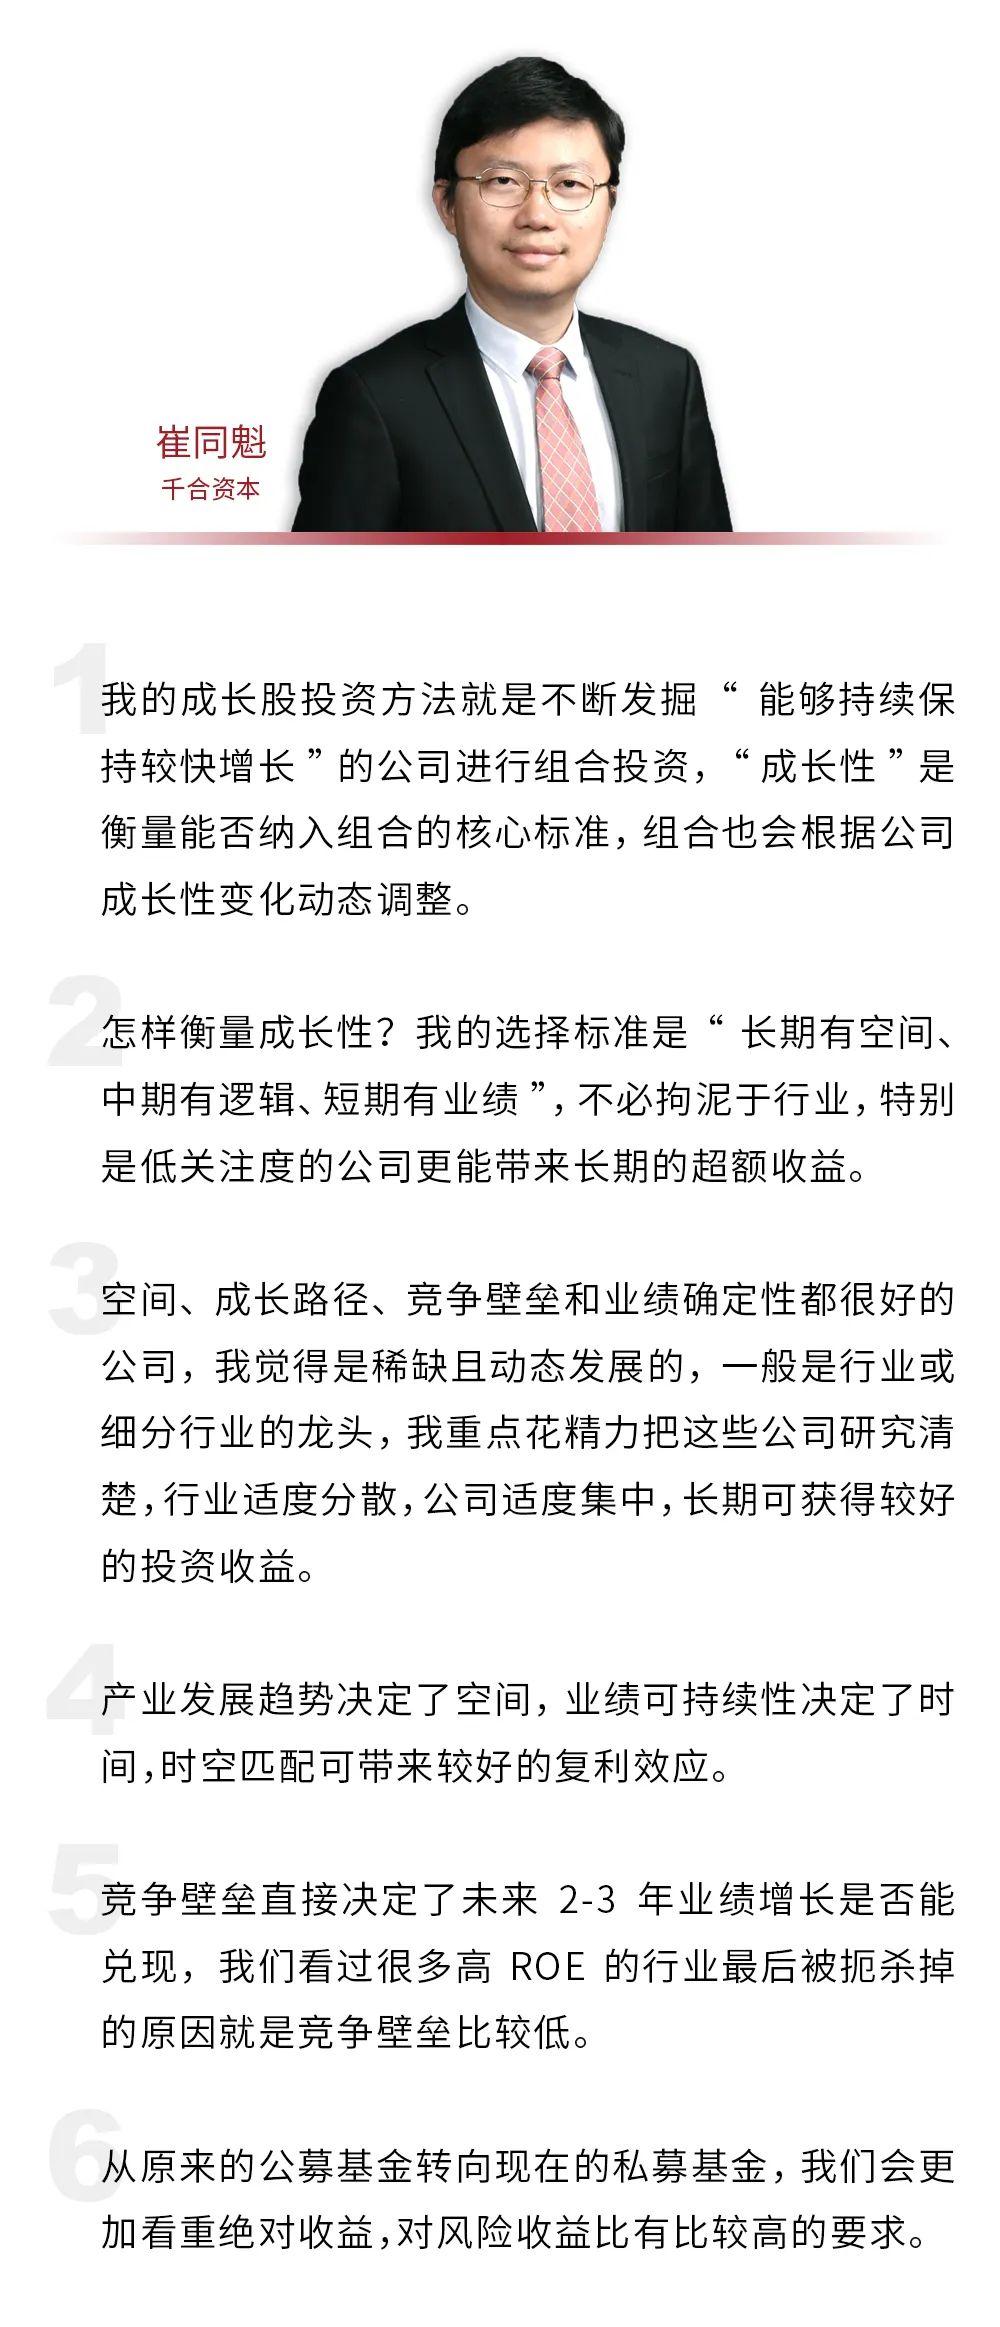 http://www.liuyubo.com/jingji/1878421.html